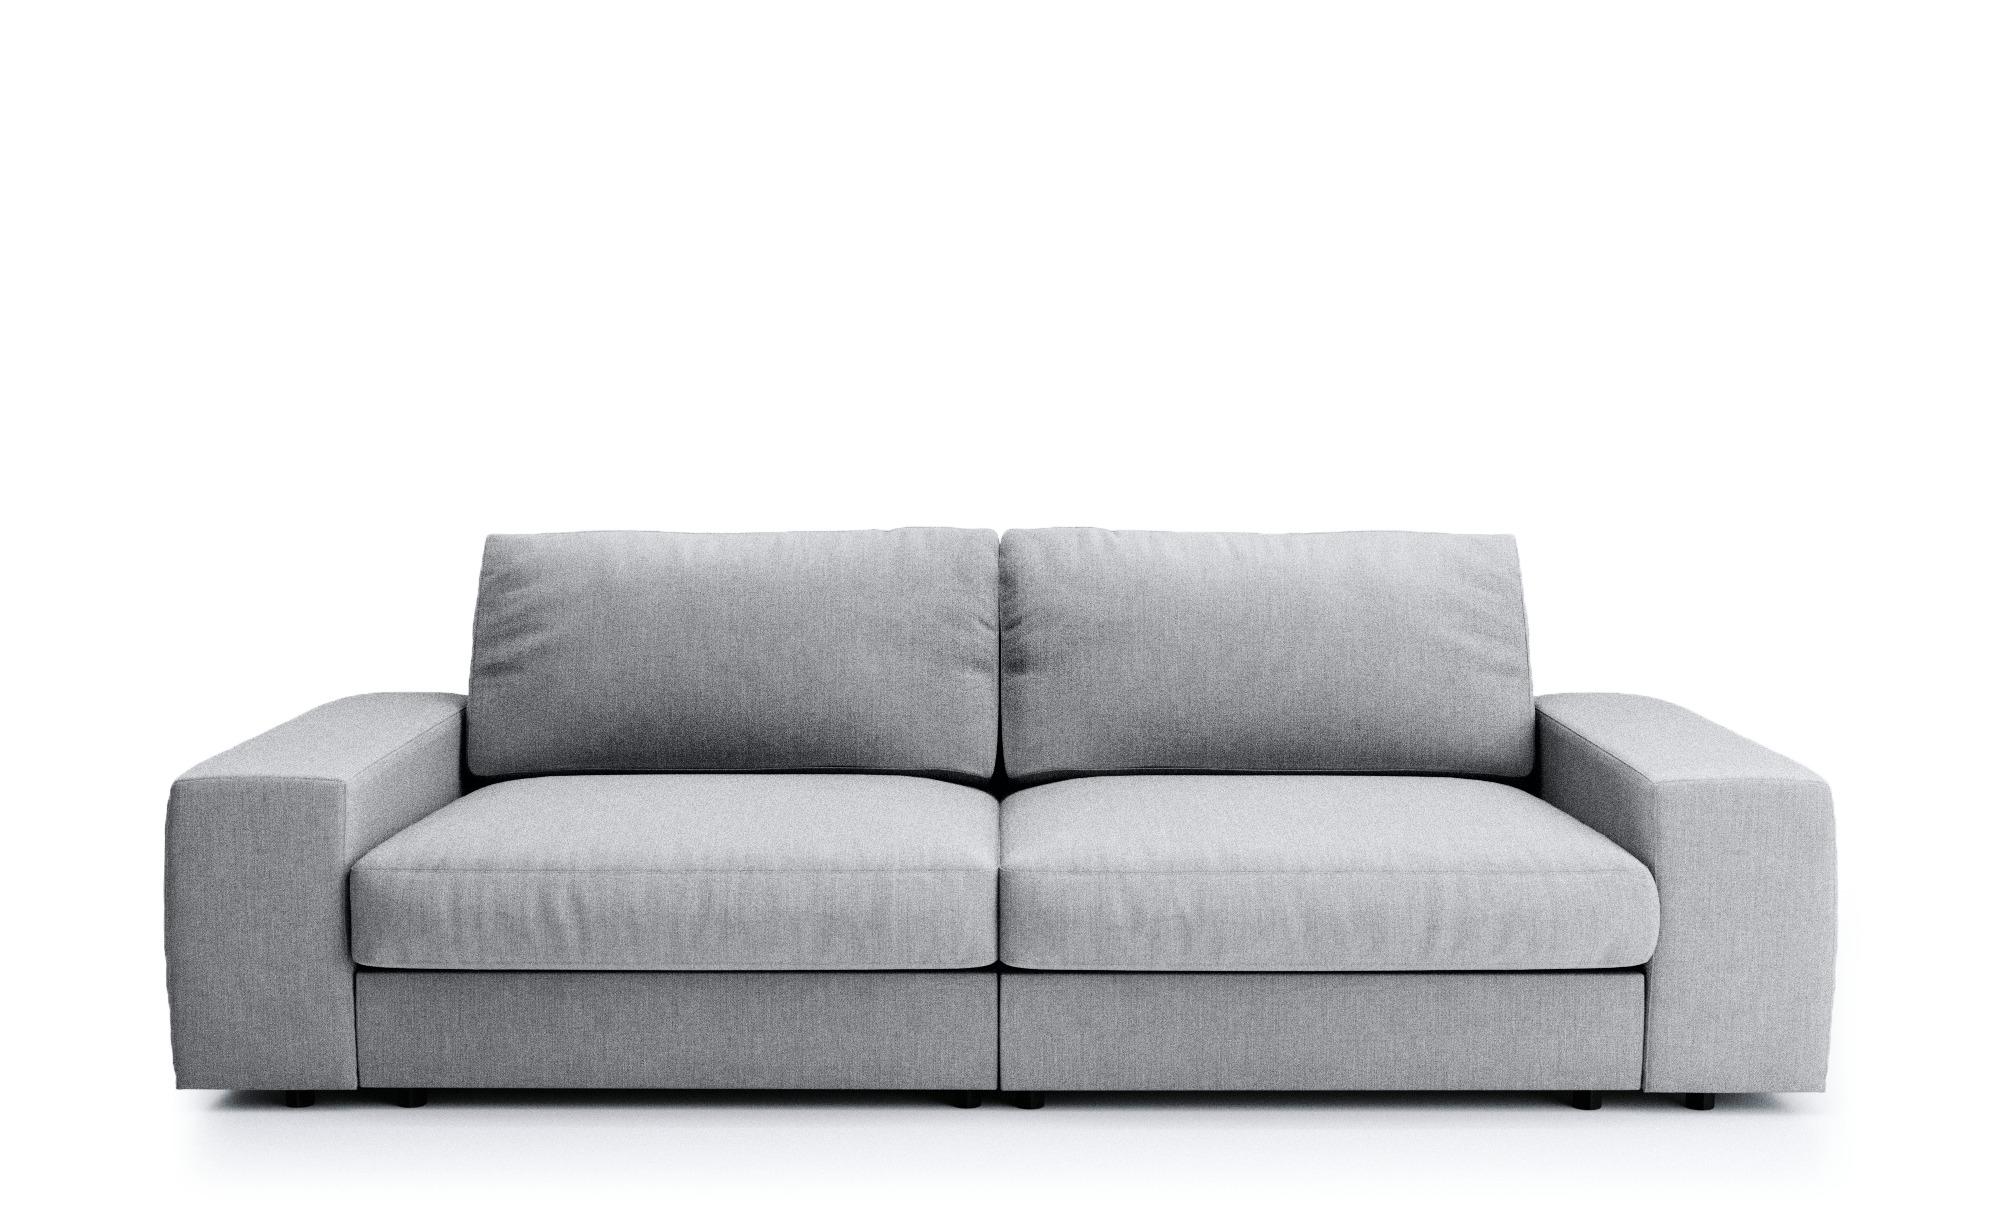 Big Sofa Brooke Gefunden Bei Mobel Hoffner